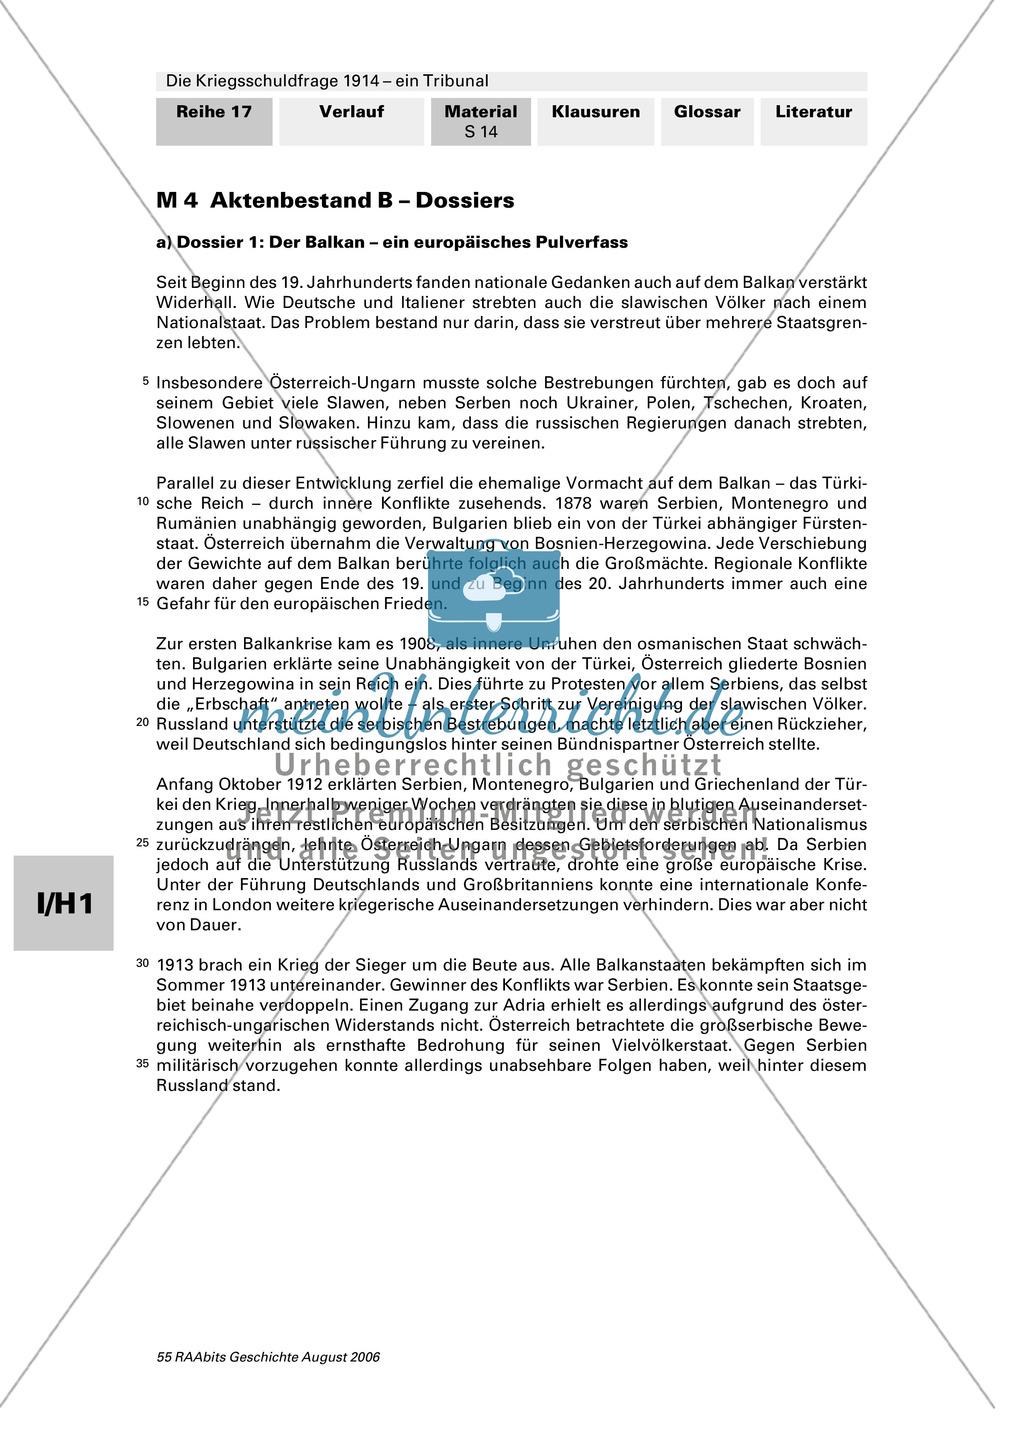 Die Kriegsschuldfrage 1914 - ein Tribunal: Vorbereitung des Rollenspiels mithilfe von Quellen (Depeschen, Telegramme, Dossiers) + Einbettung in den historischen Kontext Preview 9